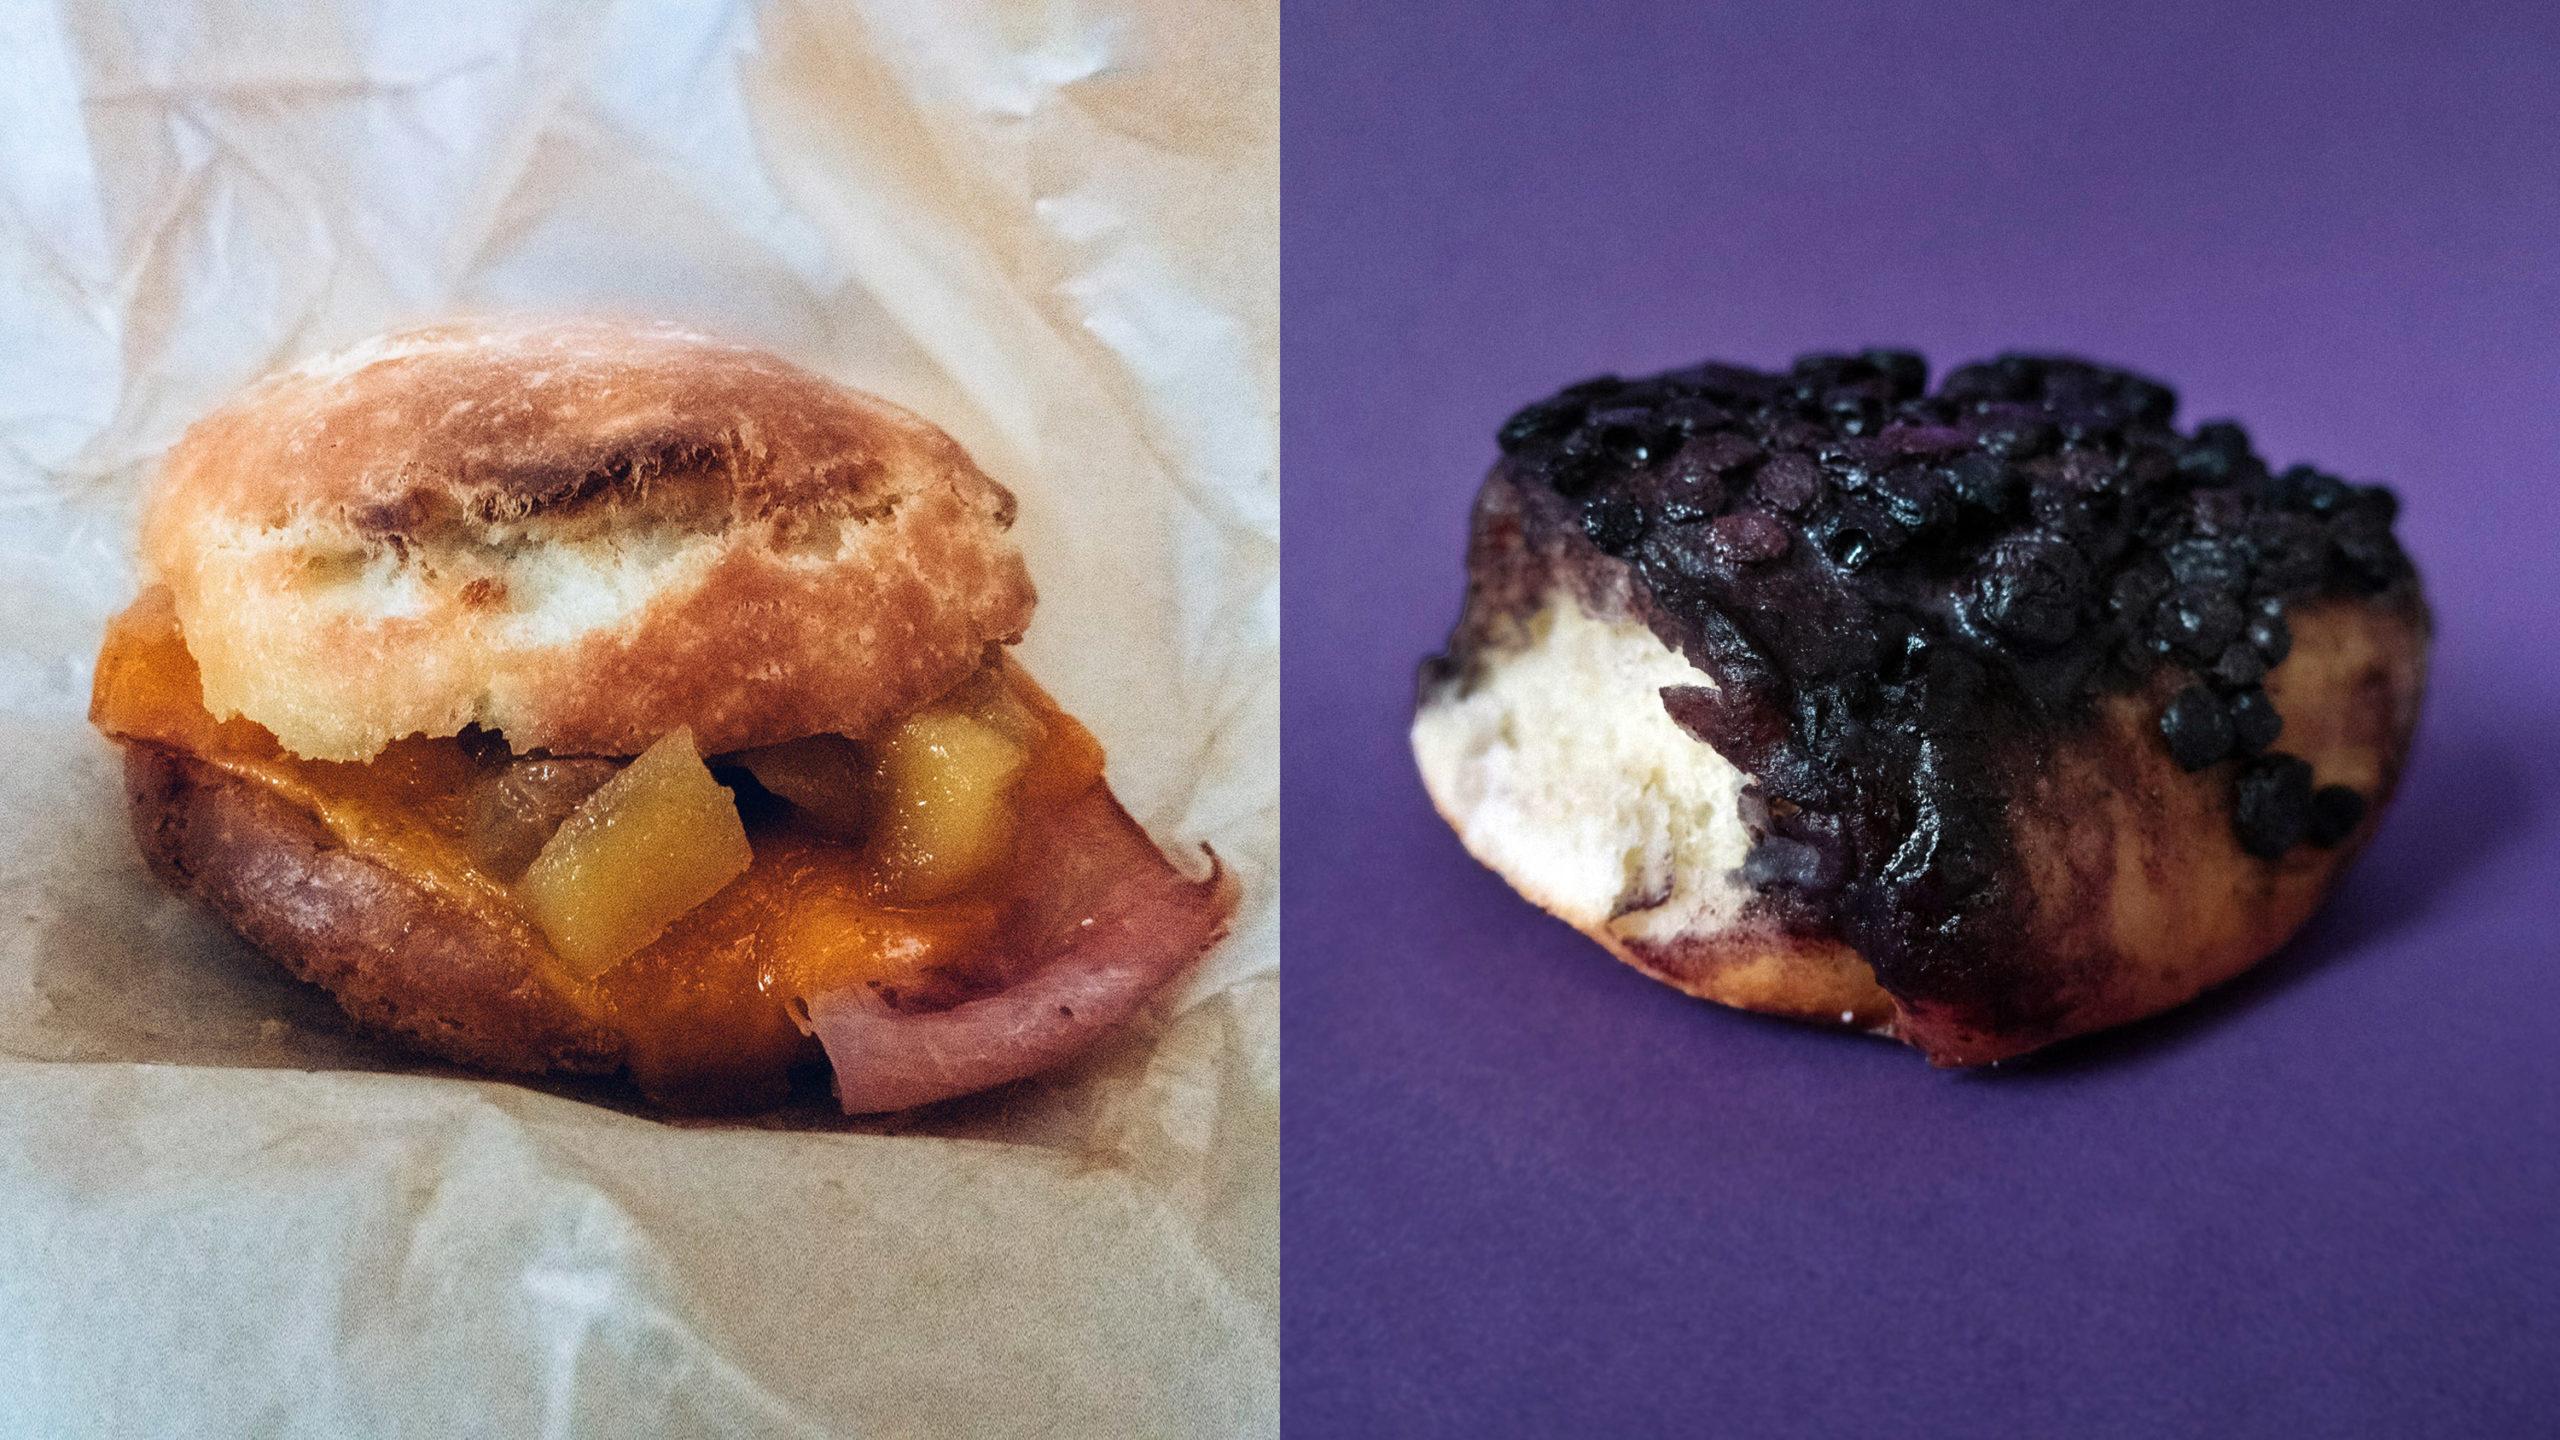 Ham Biscuit and Blueberry Schnecken